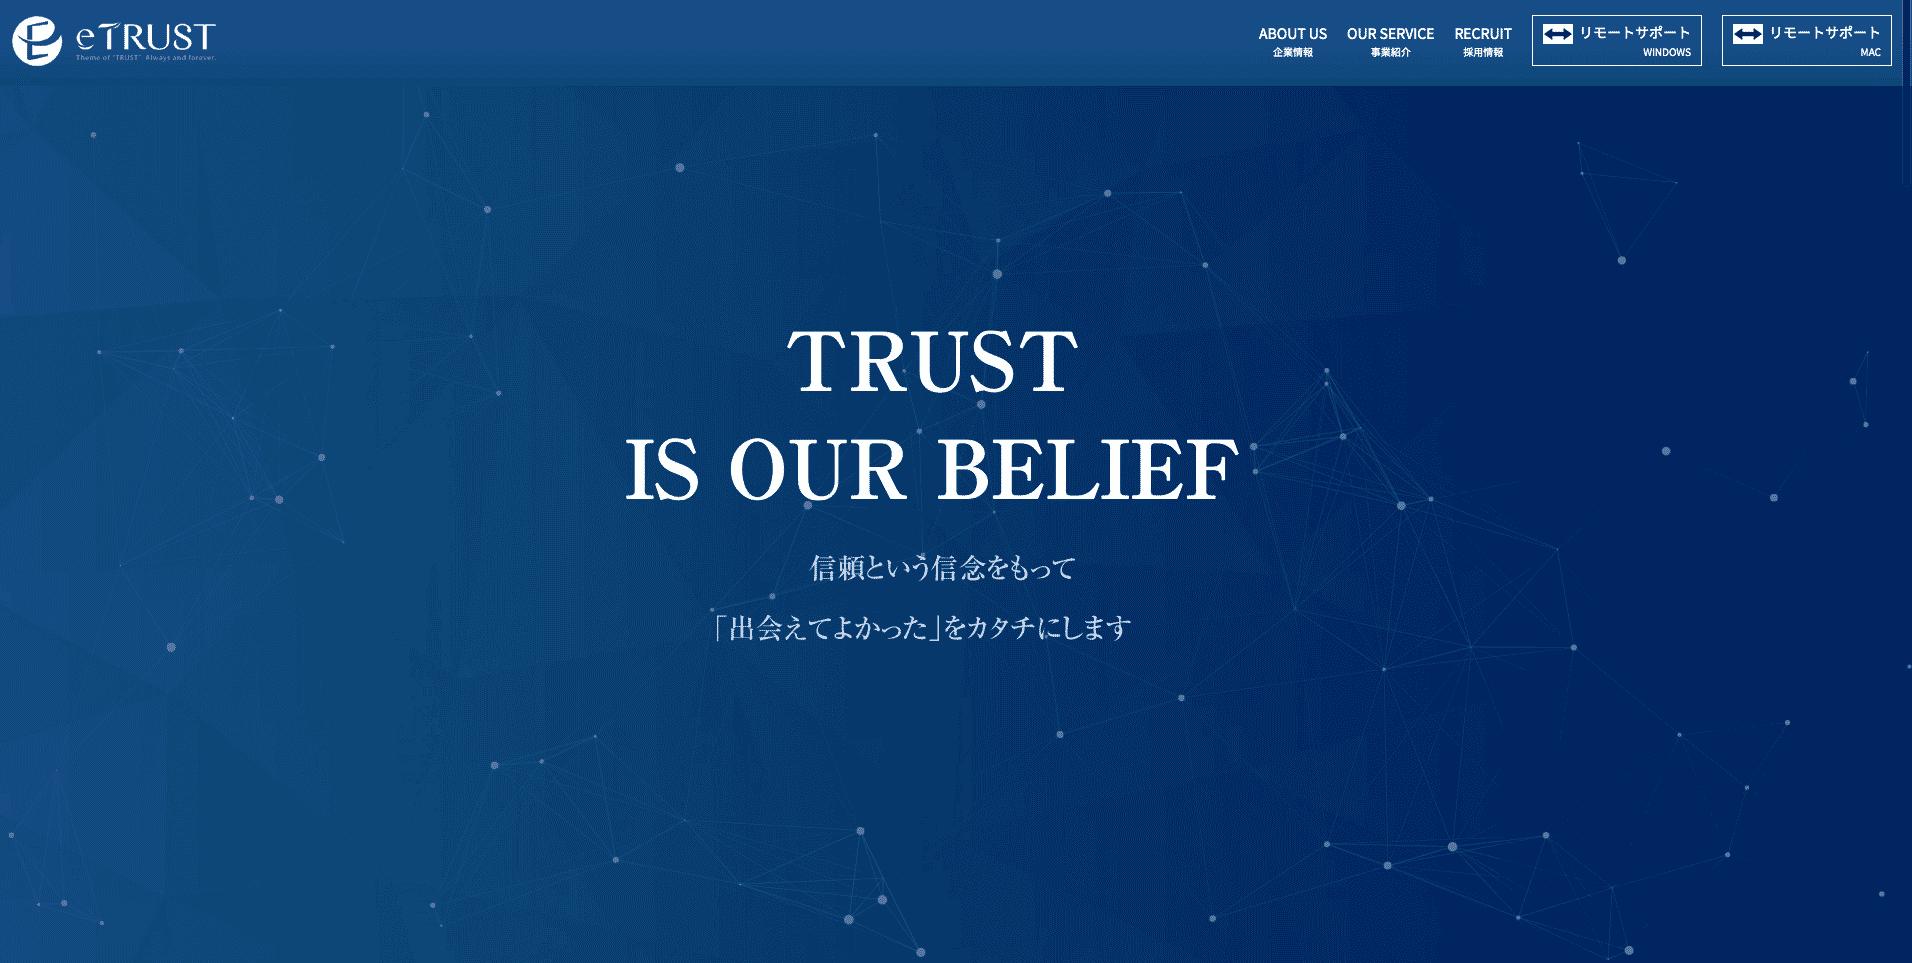 動画制作会社8:イートラスト株式会社